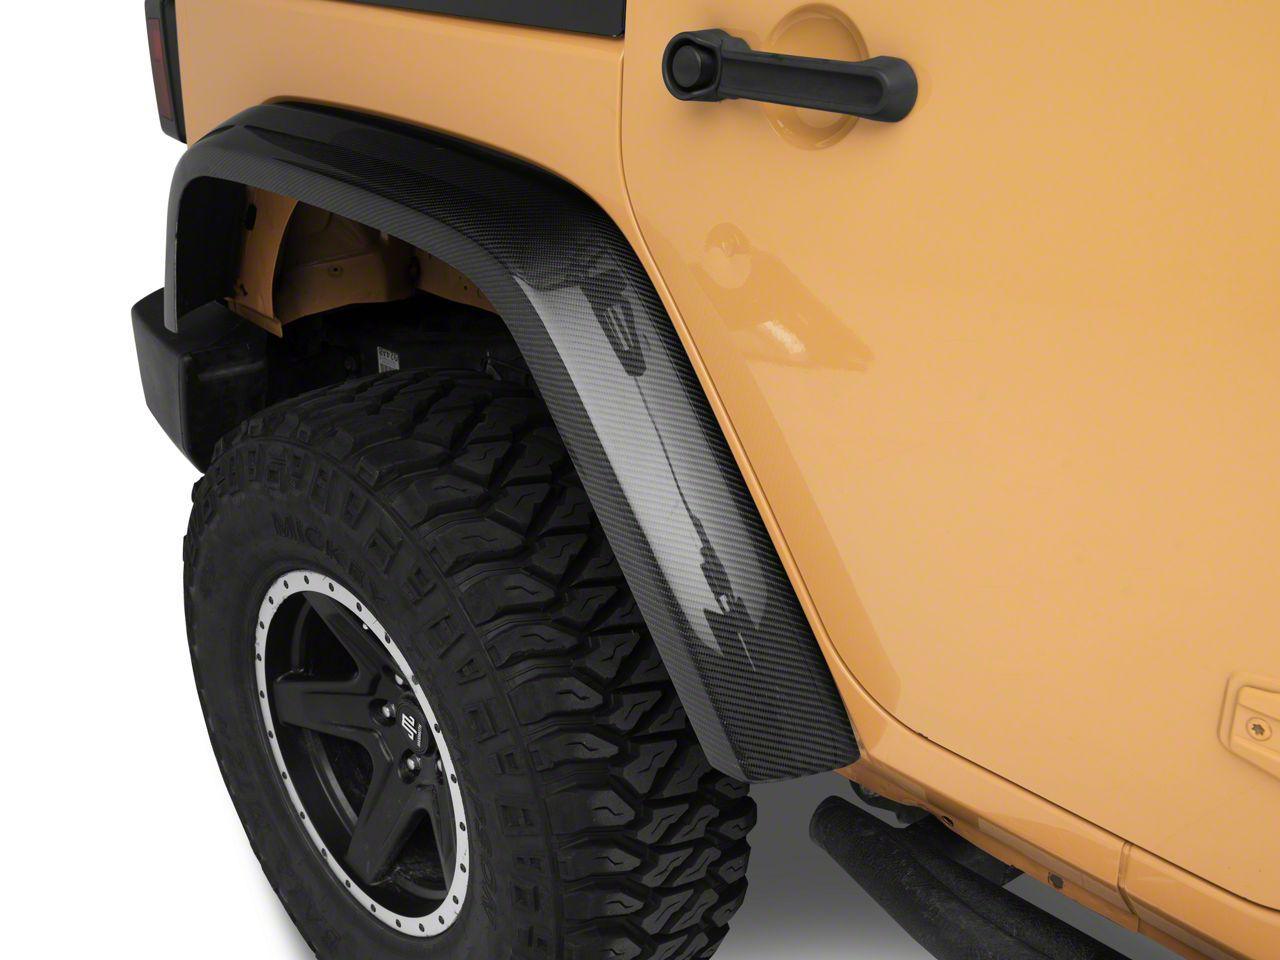 RK Sport Rear Fender Flares - Carbon Fiber (07-18 Jeep Wrangler JK)